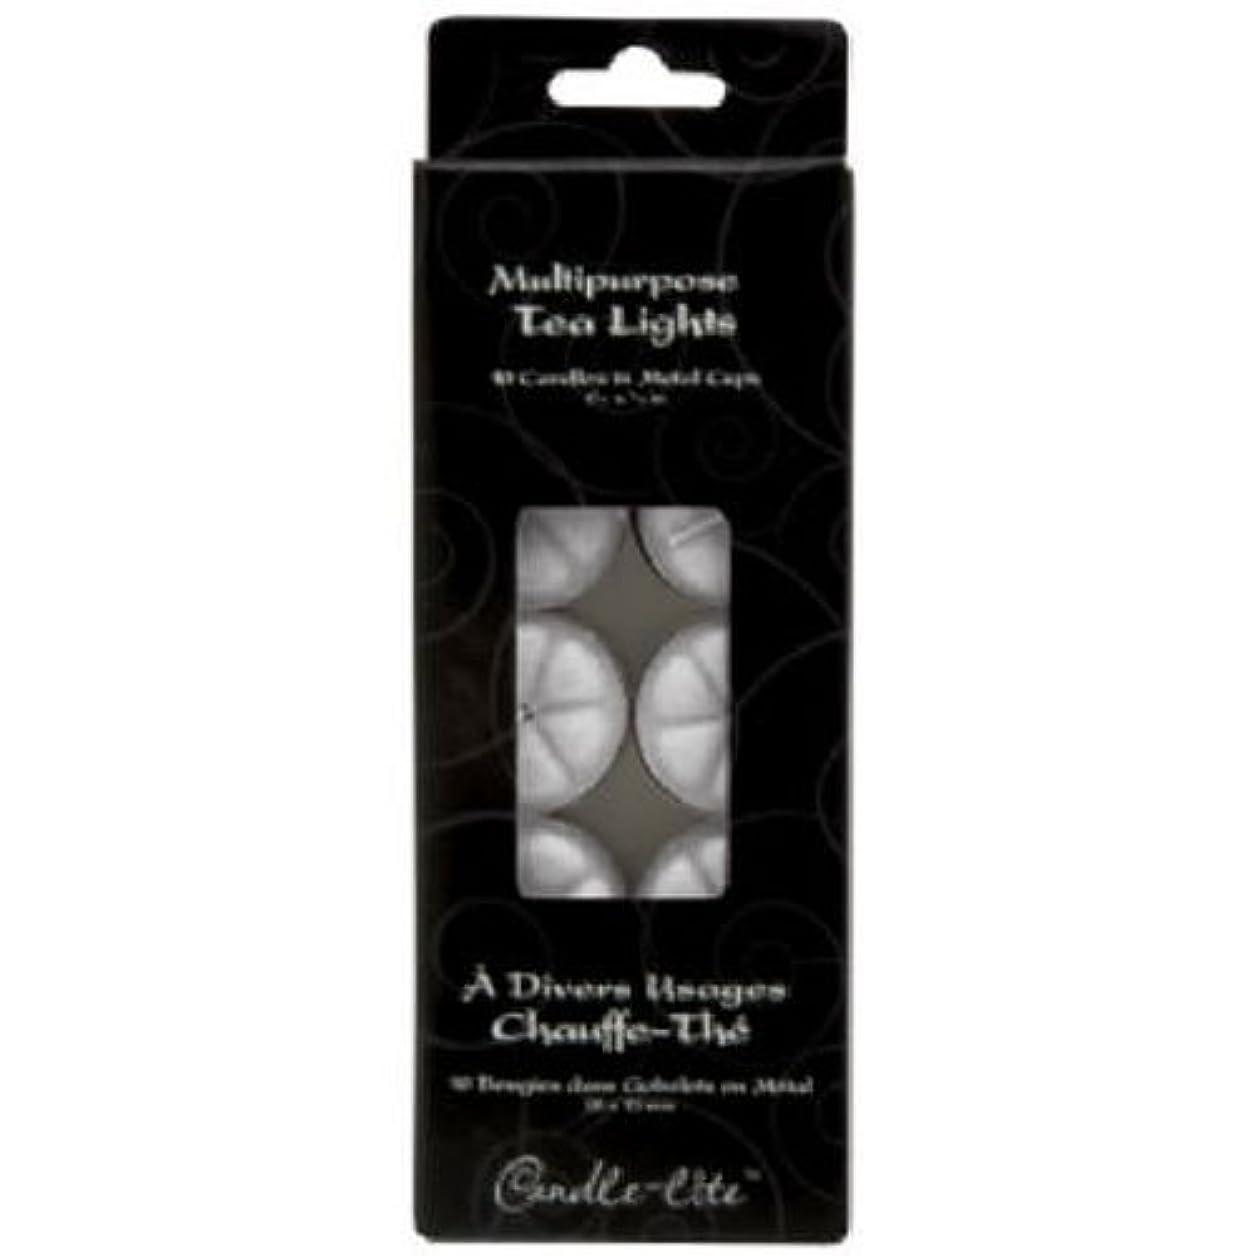 もっと仮称敬なTea Light Candles 10-Count (並行輸入品)